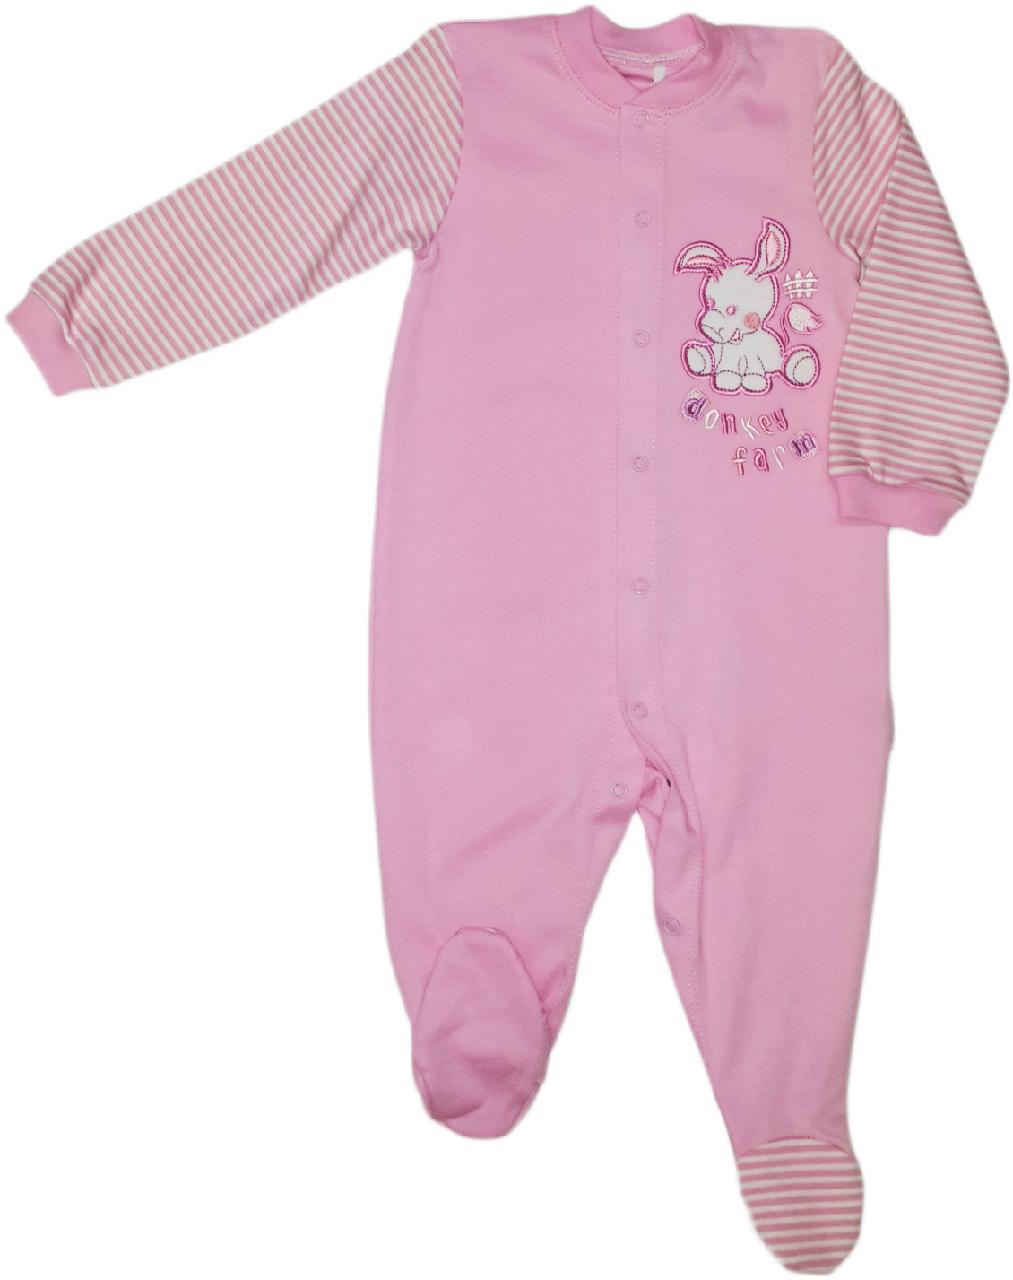 Комбинезон человечек хлопковый для девочки ТМ Бемби КБ77 розовый без капюшона размер 80